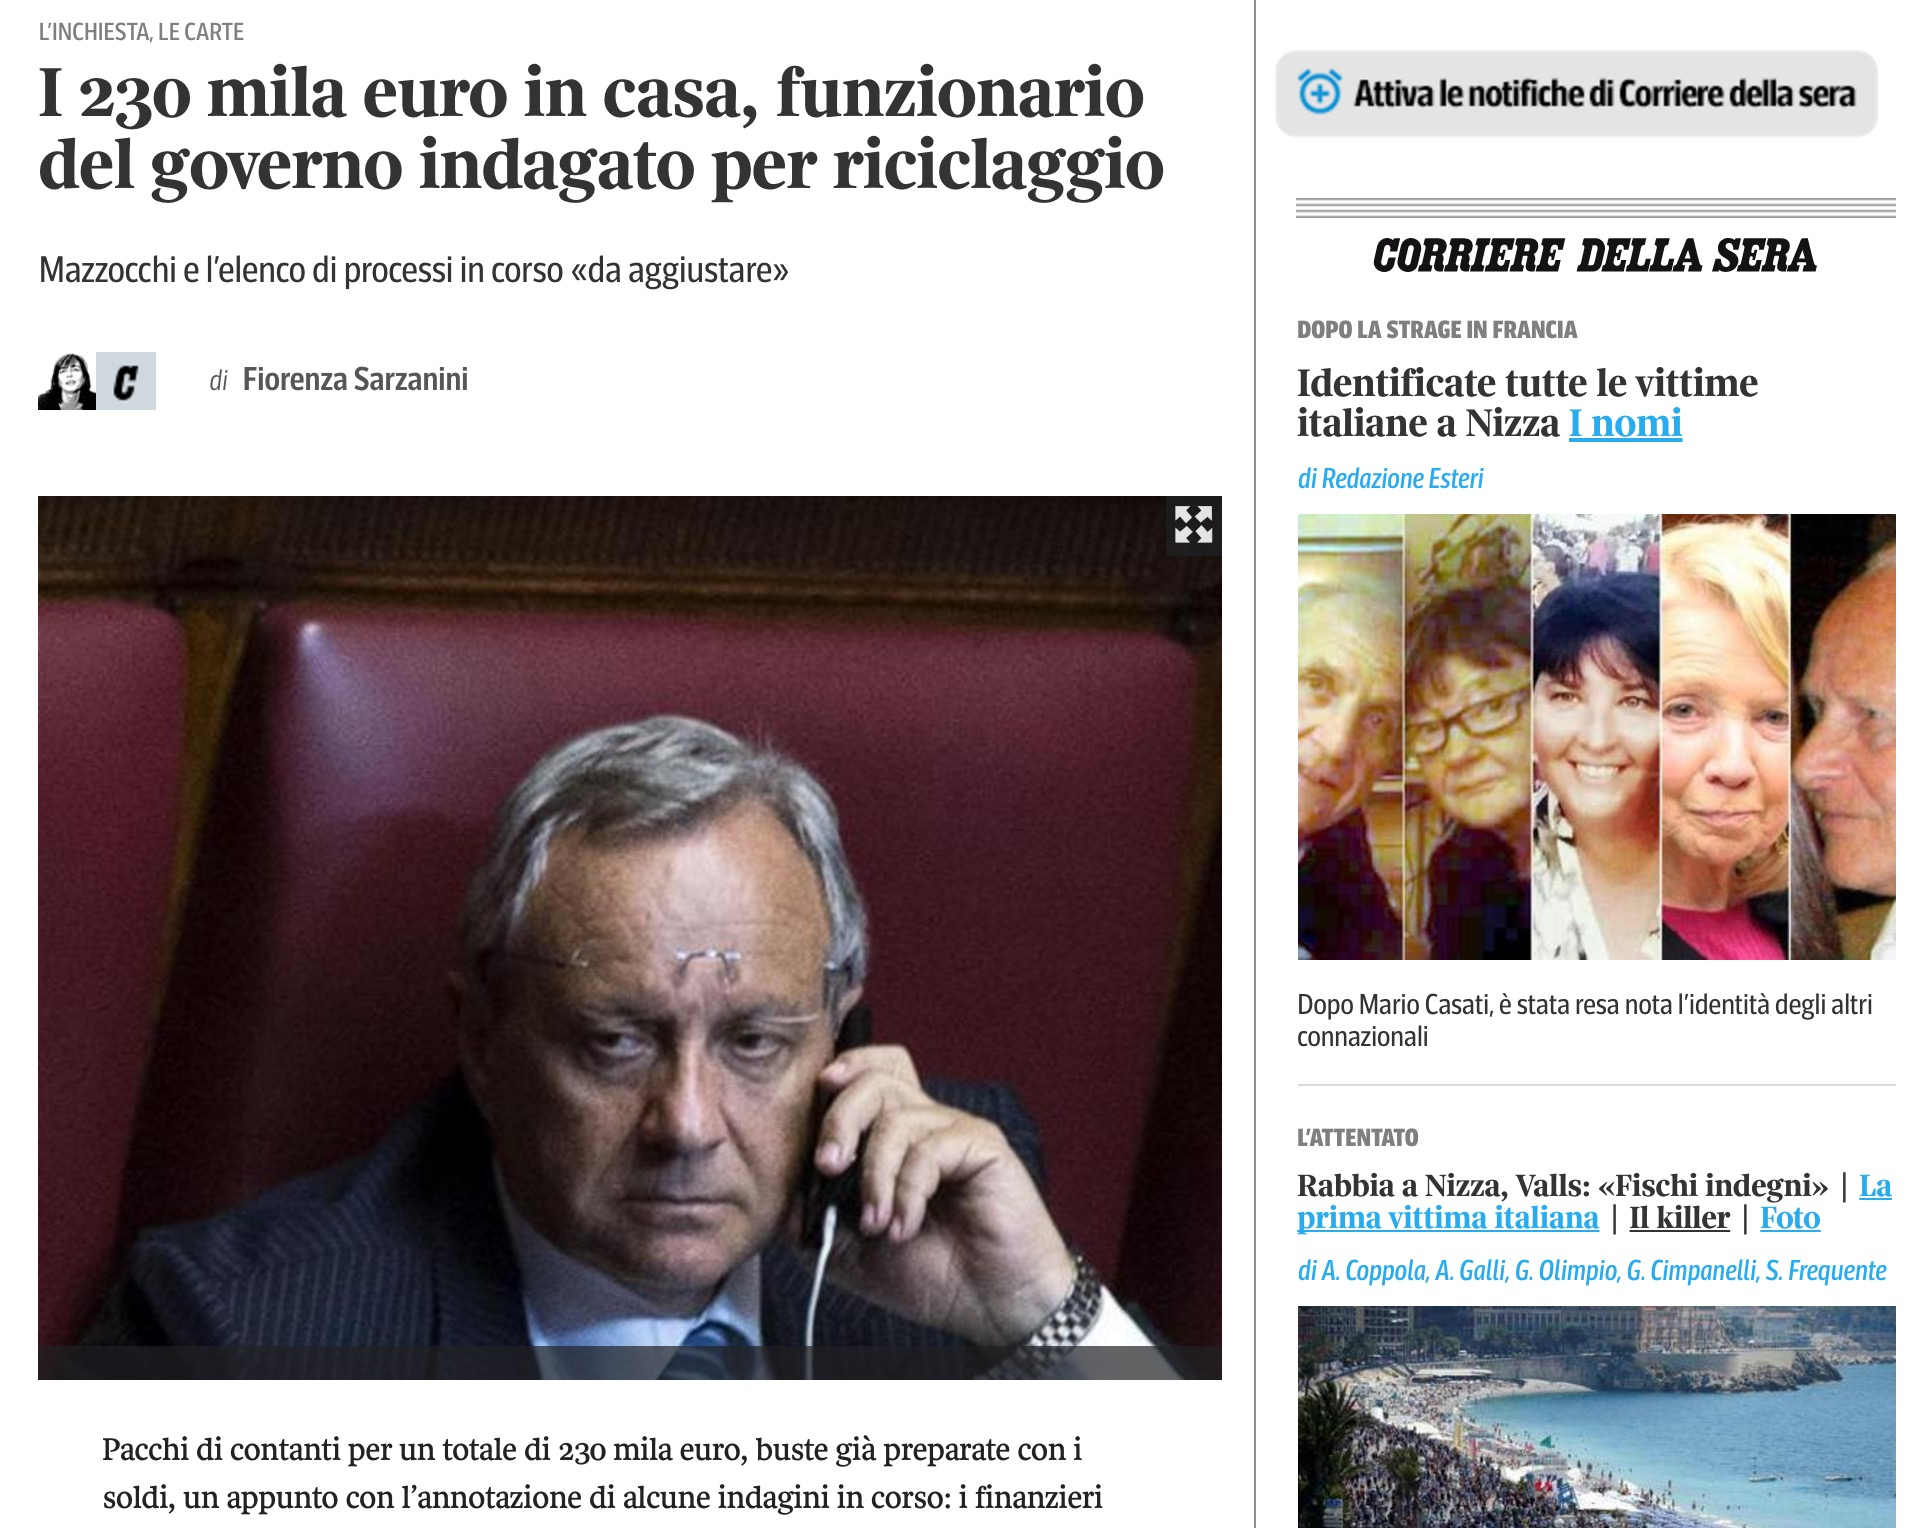 Renato Mazzocchi Funzionario Di Renzi Accusato Di Riciclaggio